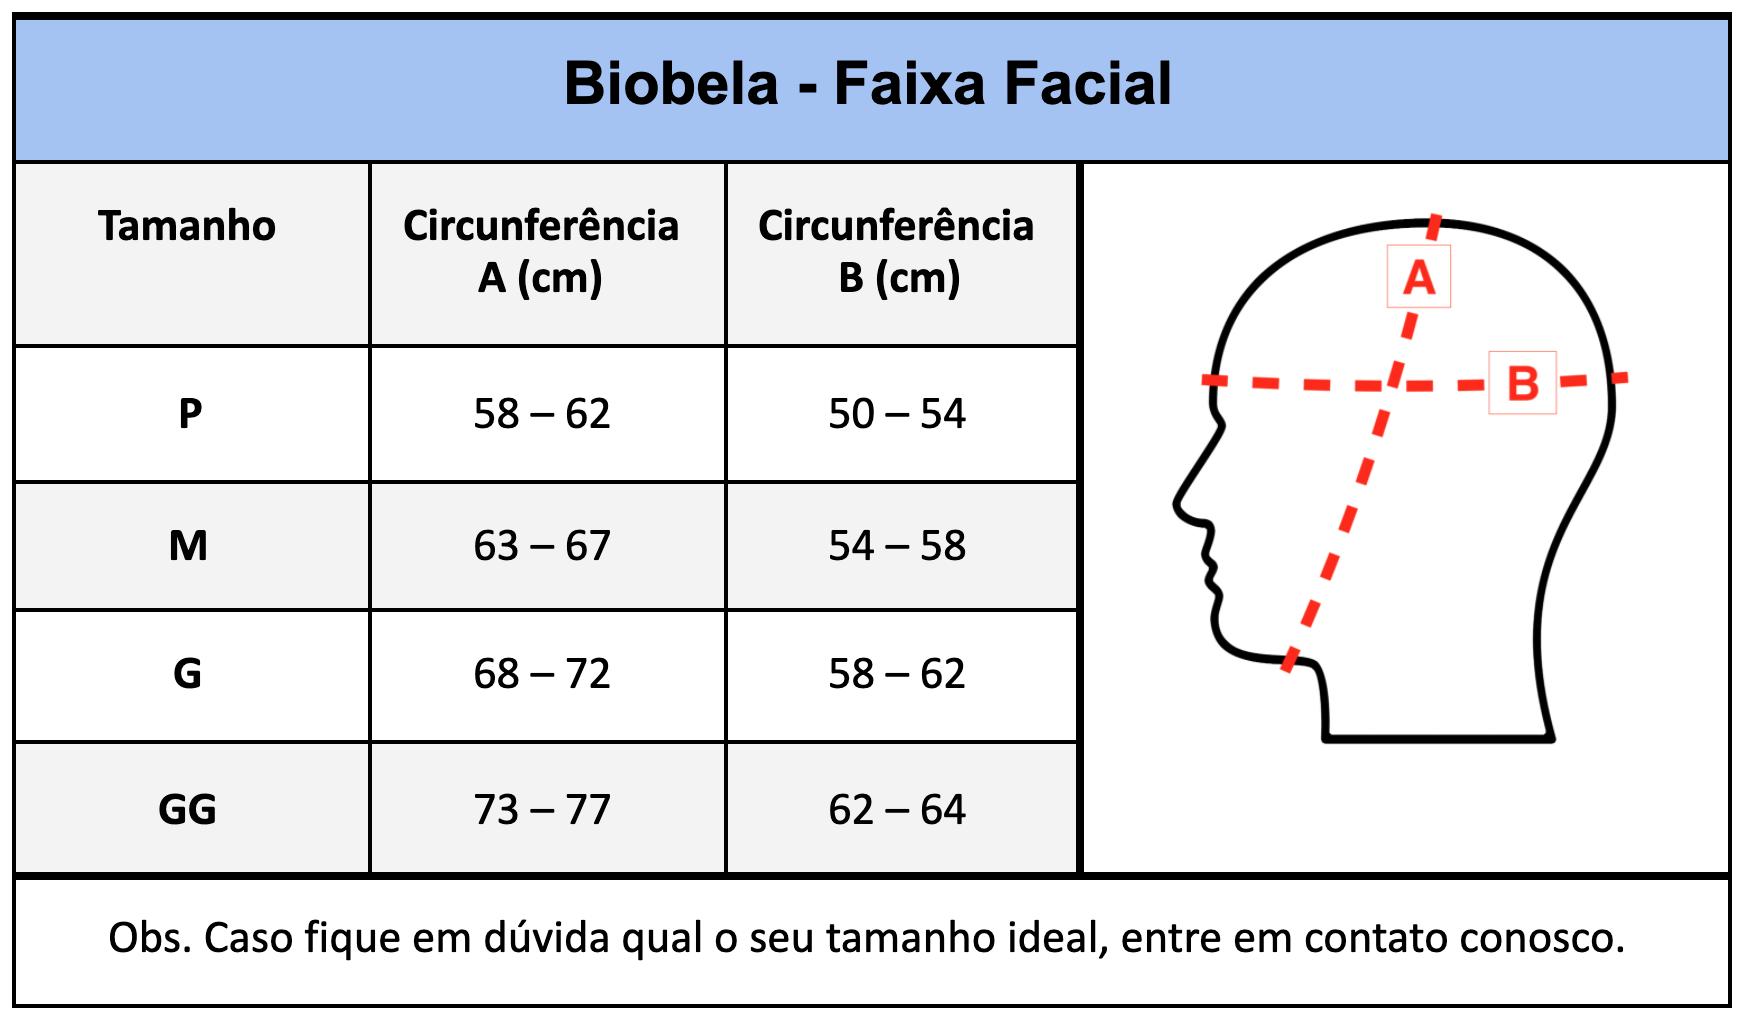 Faixa compressiva cirúrgica facial Biobela 1610 ideal p/ mentoplastia otoplastia frontoplastia bichectomia lipo facial  - Cinta se Nova